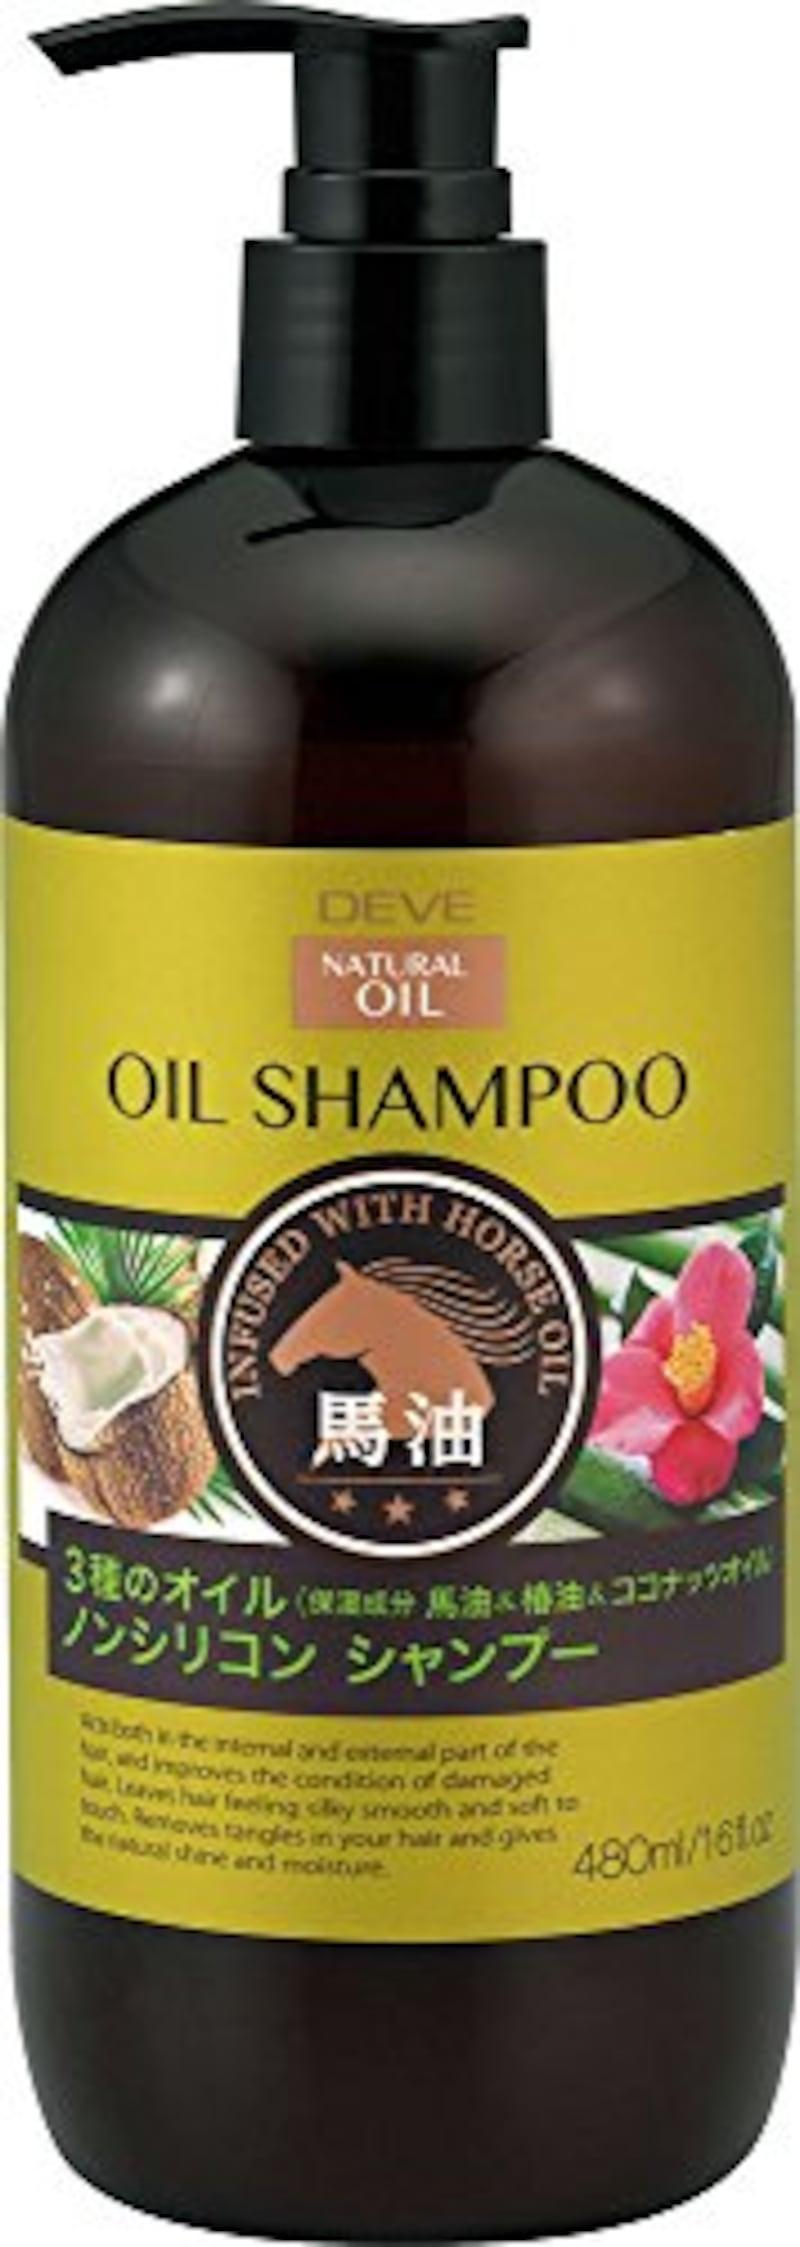 熊野油脂,ディブ 3種のオイルシャンプー